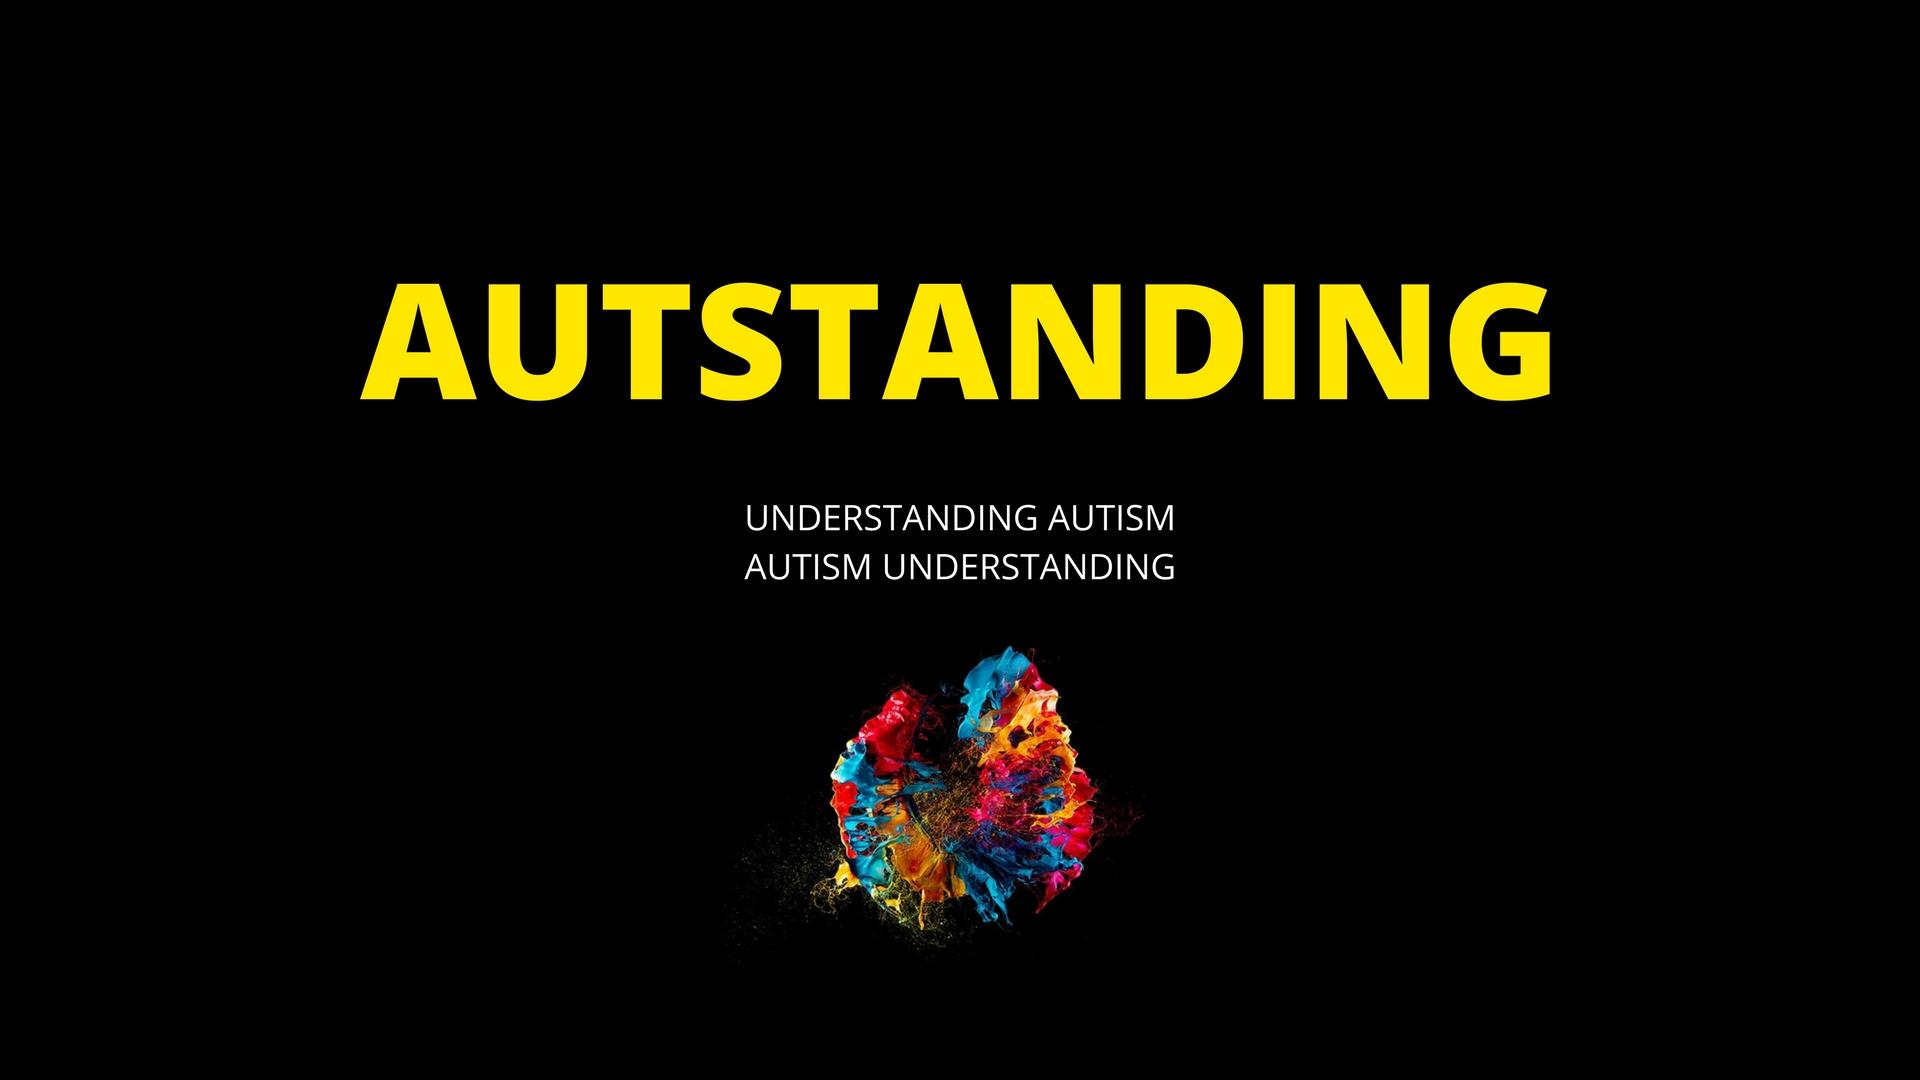 Autstanding